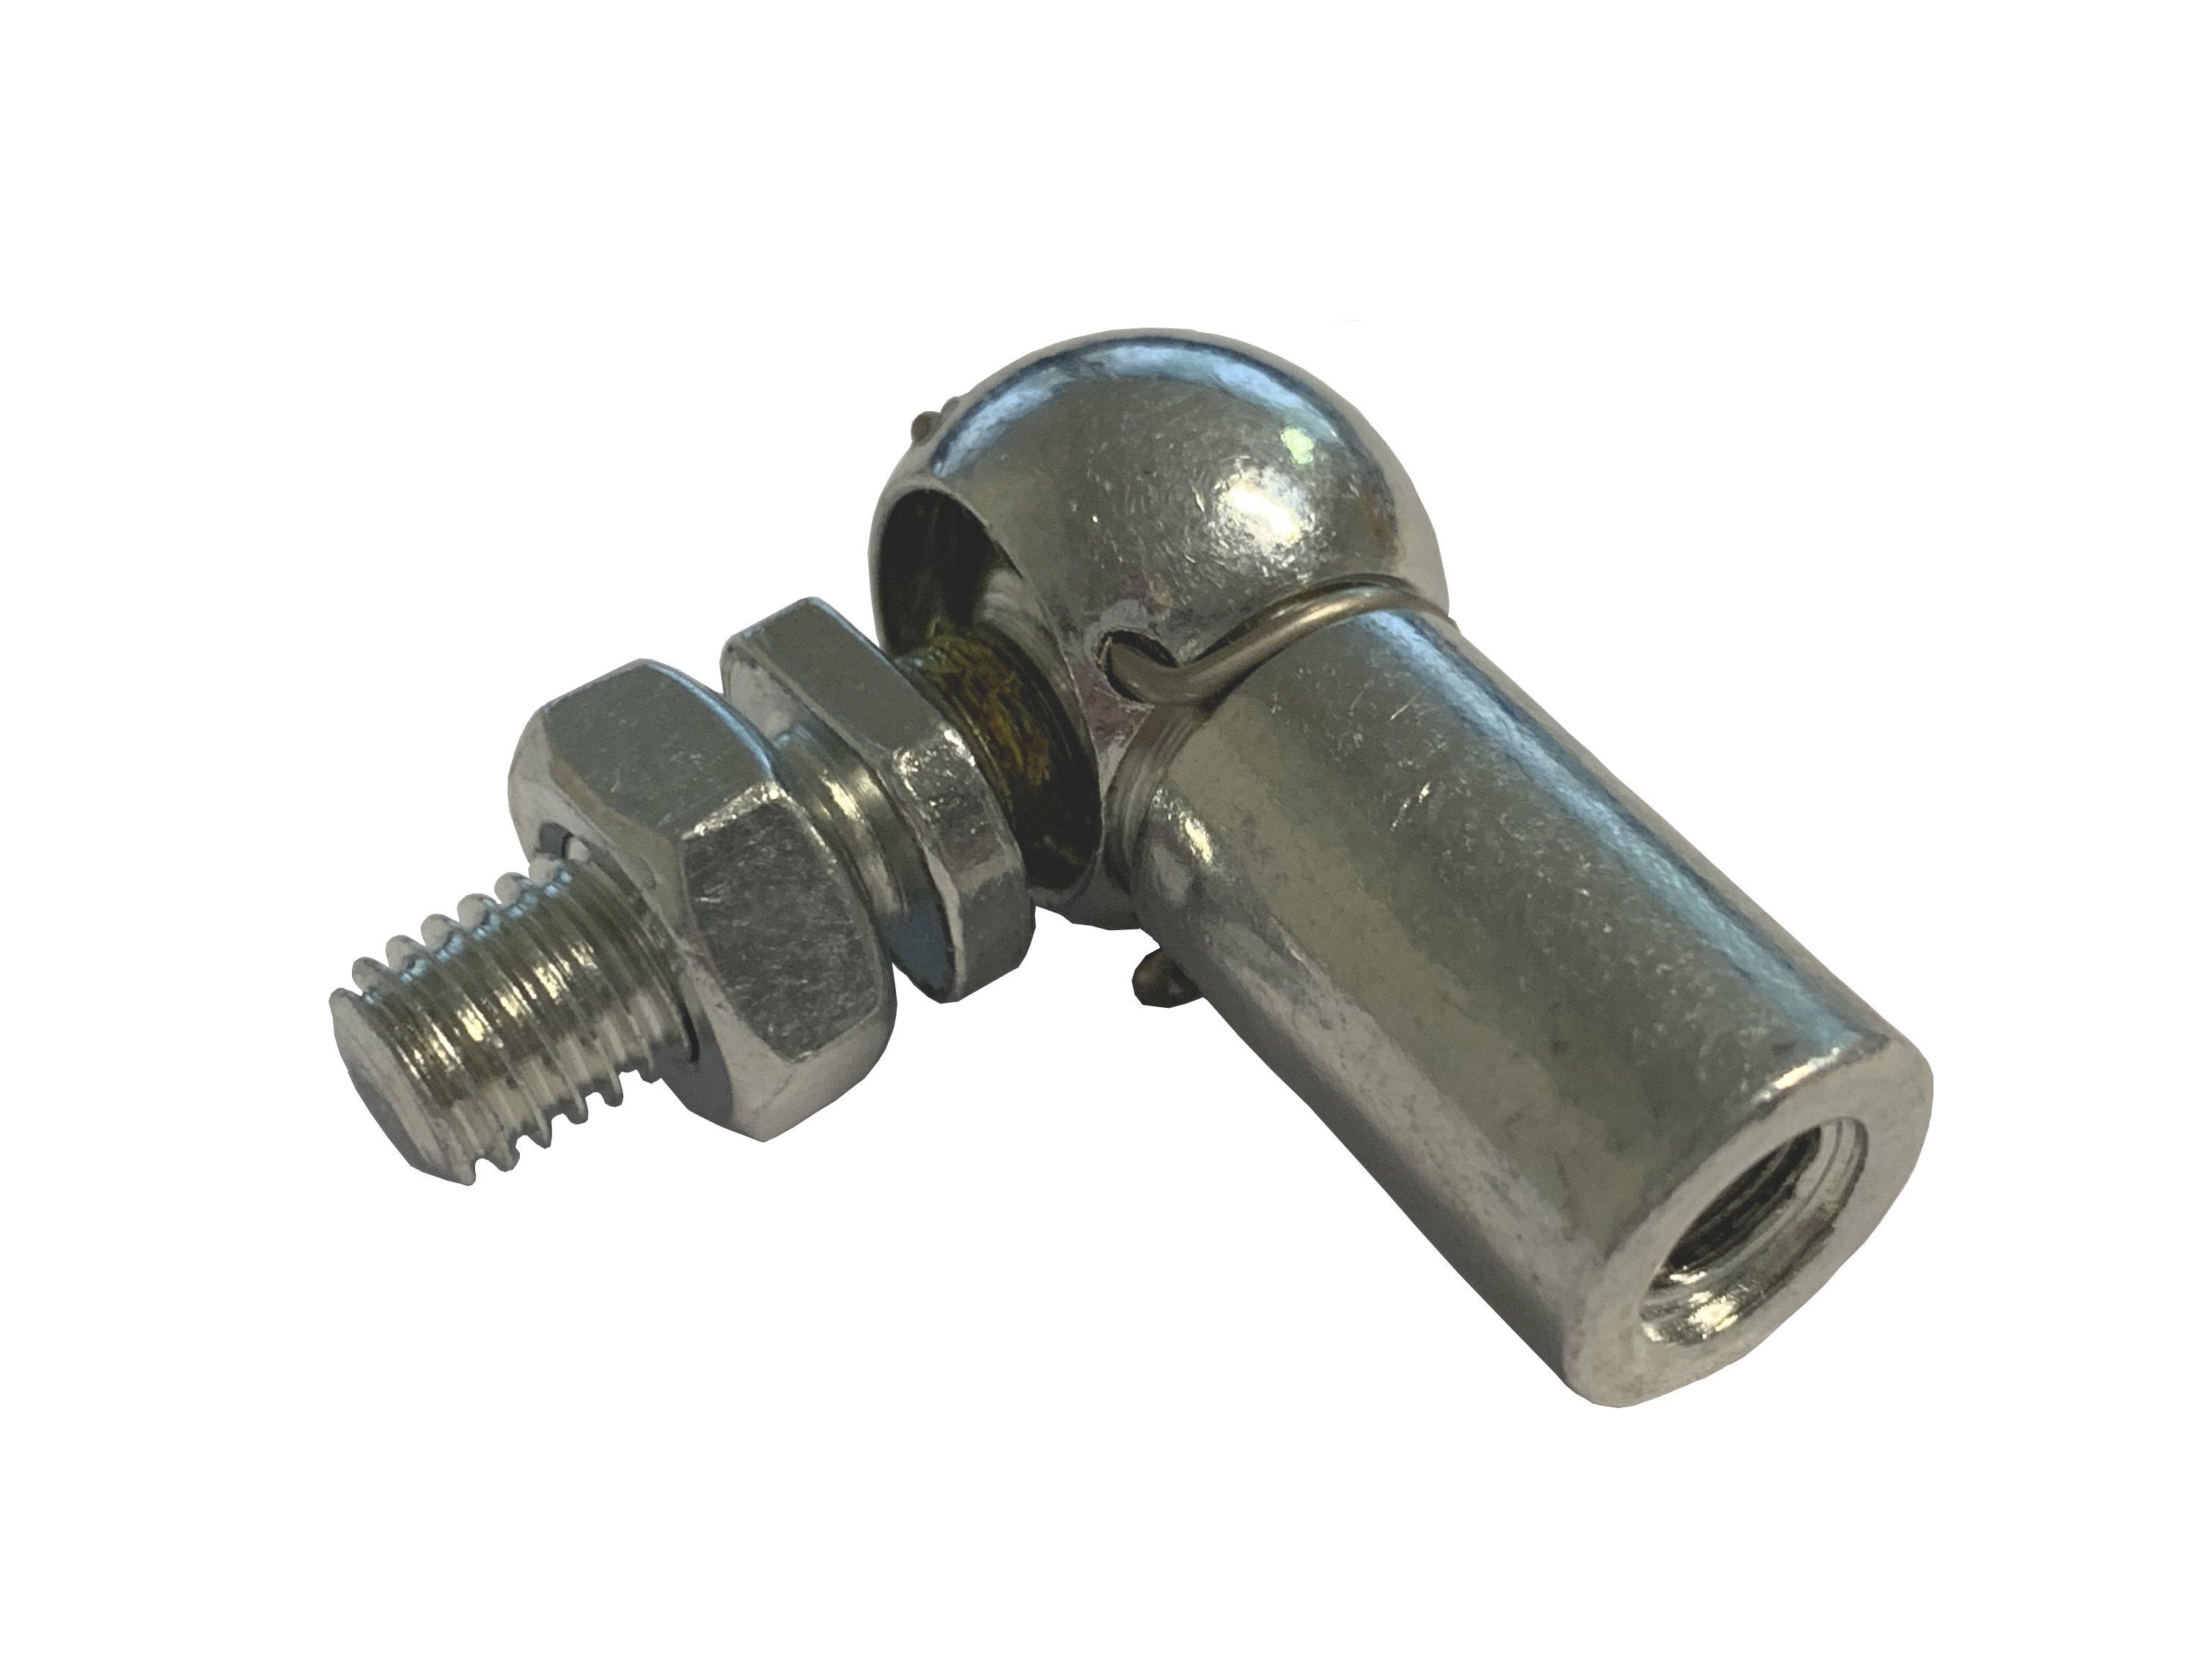 Gasdruckfedern//Gasdruckd/ämpfer ausgeschobene L/änge 460mm 650 N Ausschubkraft